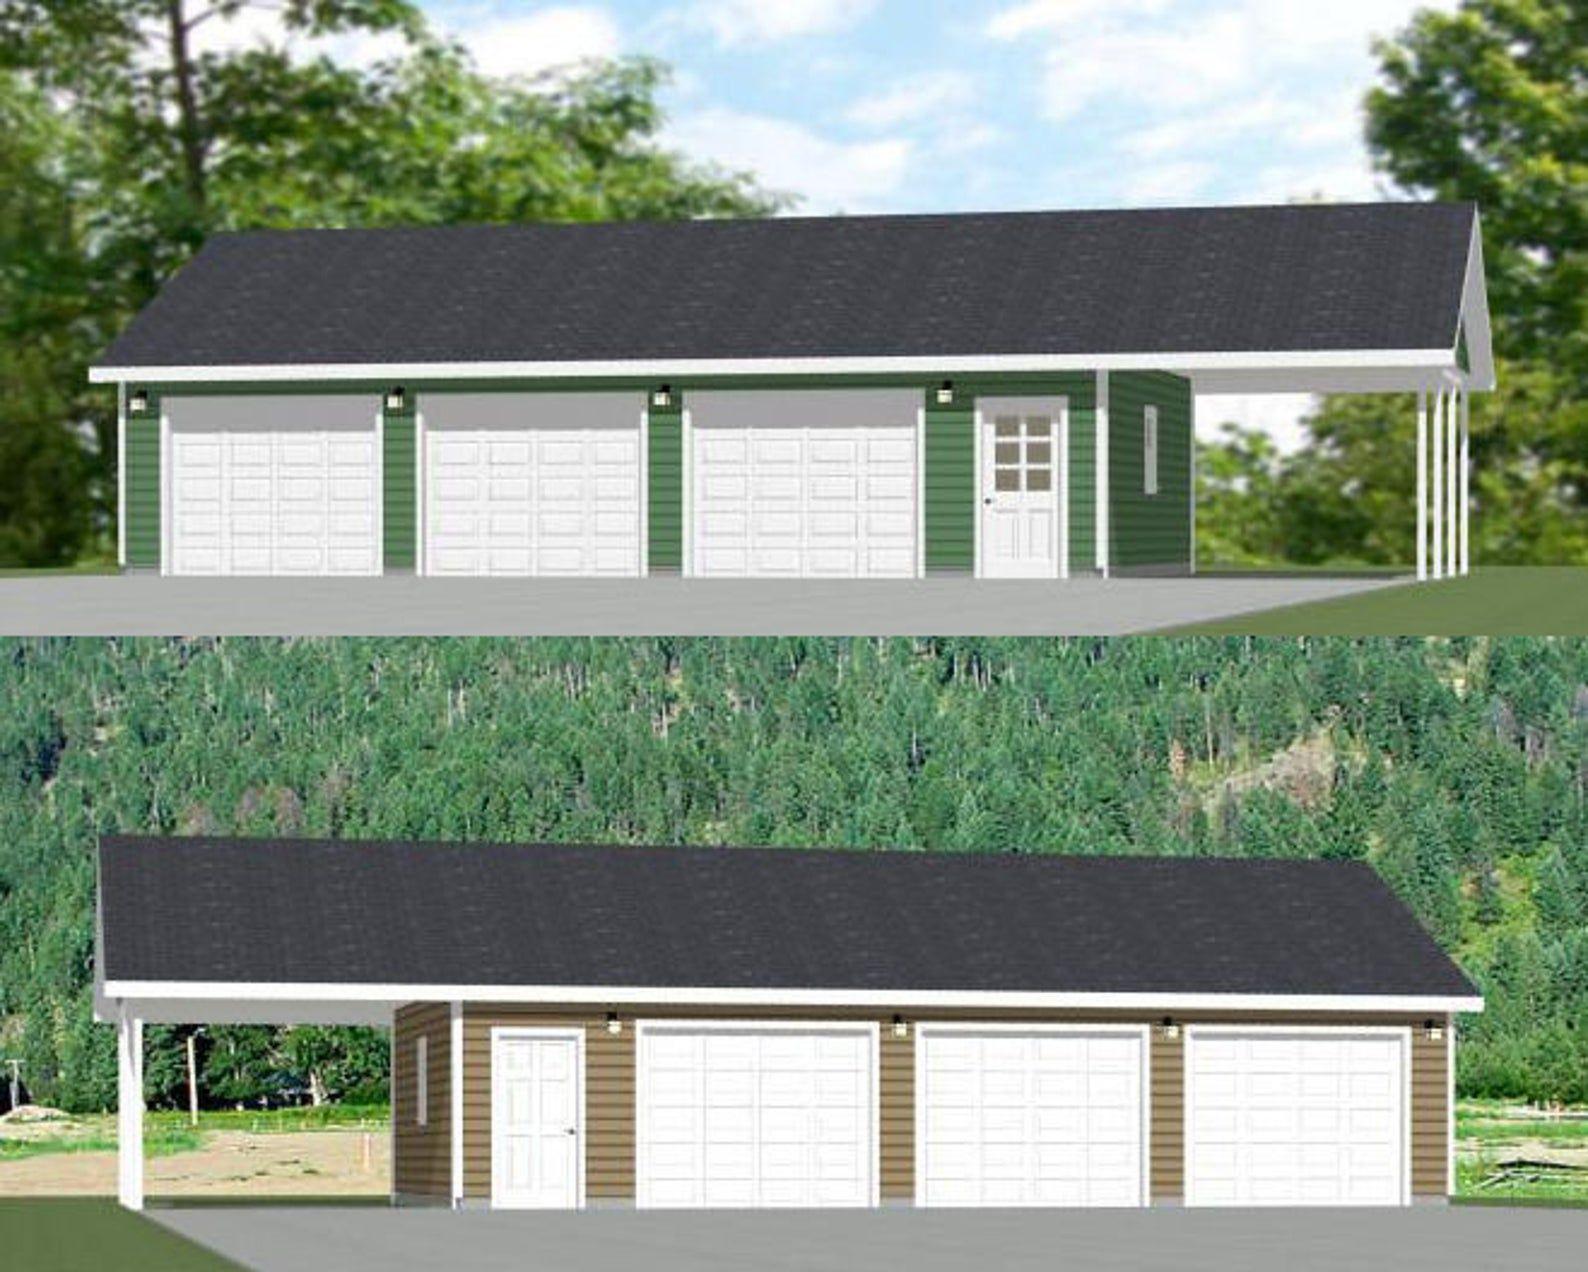 40x24 3 Car Garage 960 Sq Ft Pdf Floor Plan Instant Download Models 1e And 1i In 2020 Garage Plans Car Garage Metal Garage Buildings